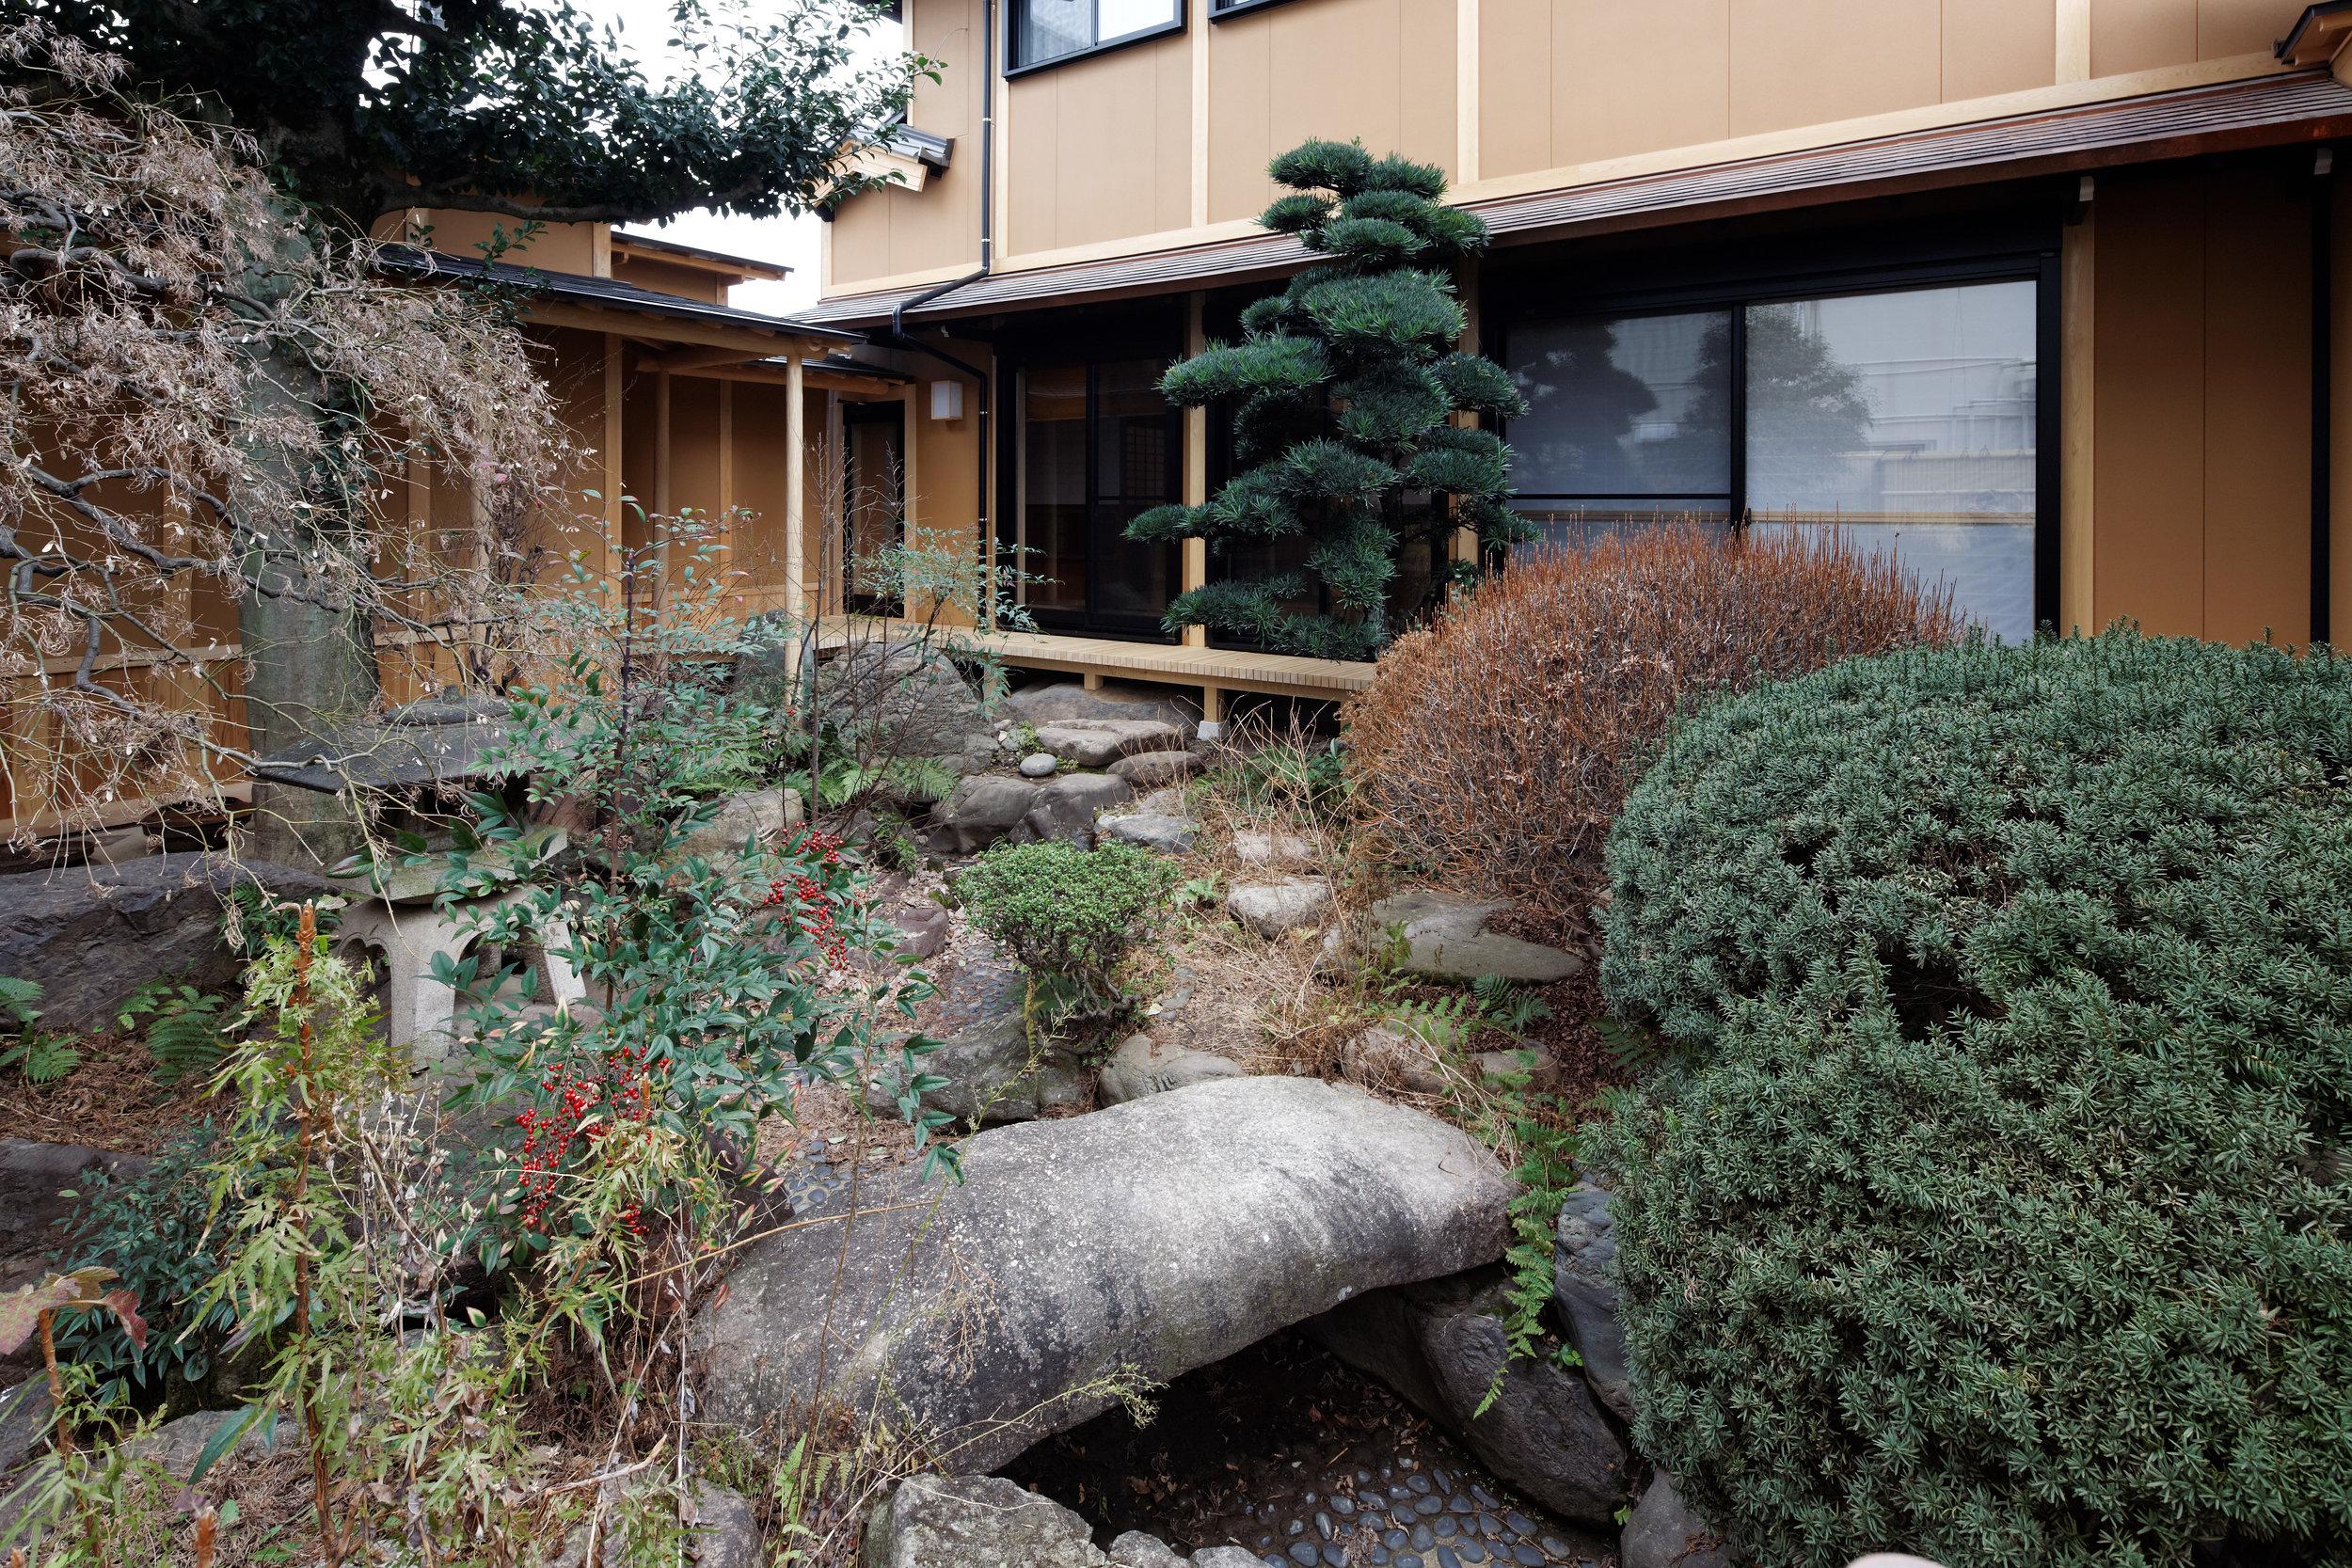 成正建装 愛知県 犬山市 新築 リフォーム 古民家再生 家づくり3.jpg